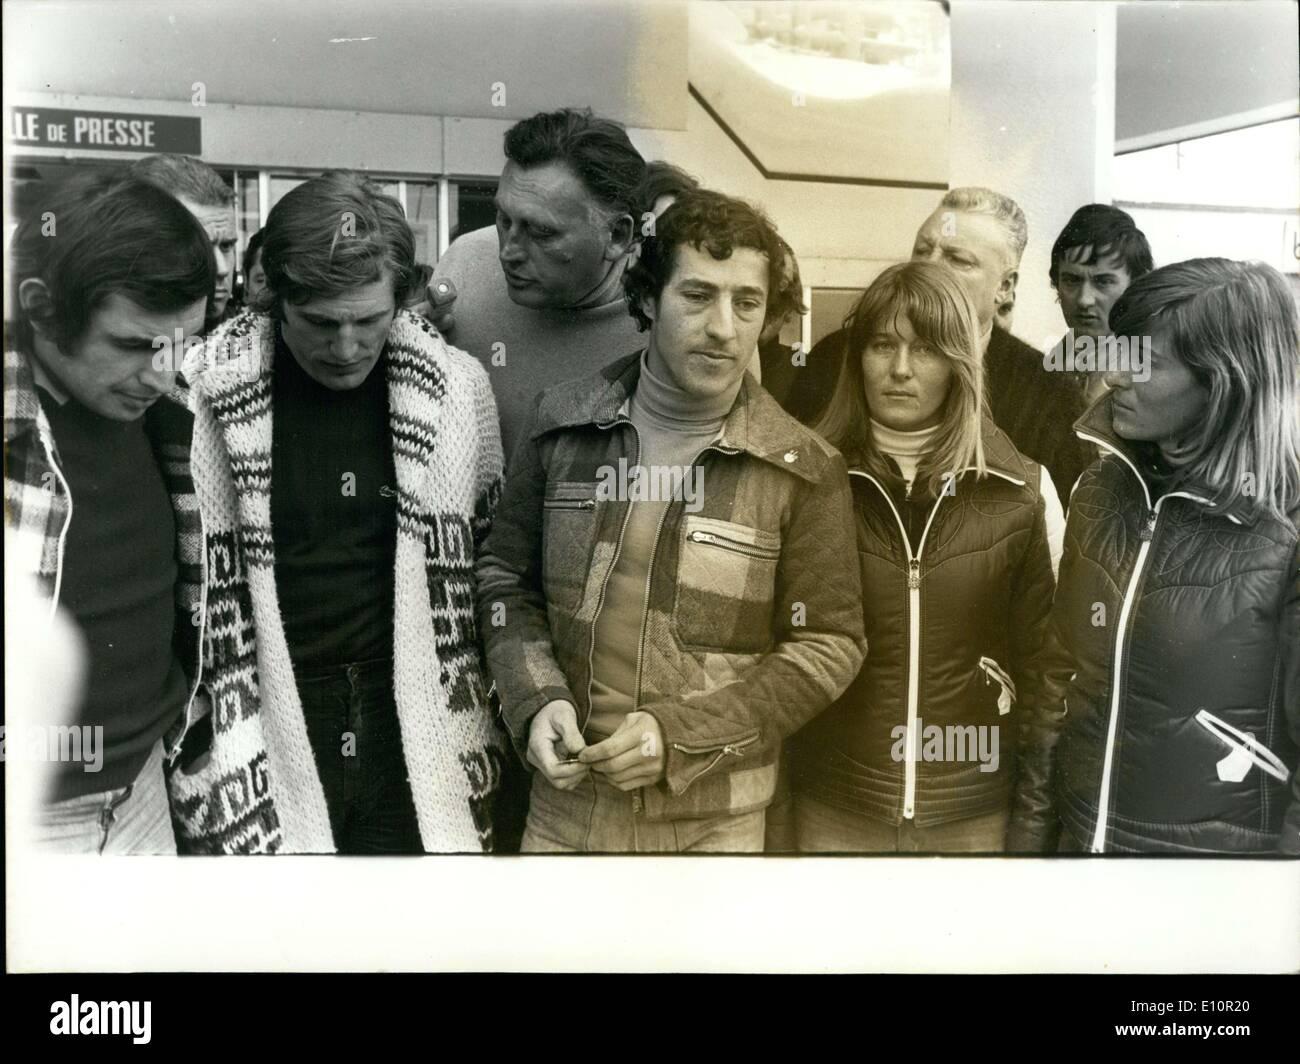 10 décembre 1973 - Dans une tentative de résoudre la crise qui s'est  produit à la fin de la semaine dans l'Isère, les dirigeants exclus de six  skieurs de l'équipe de France :